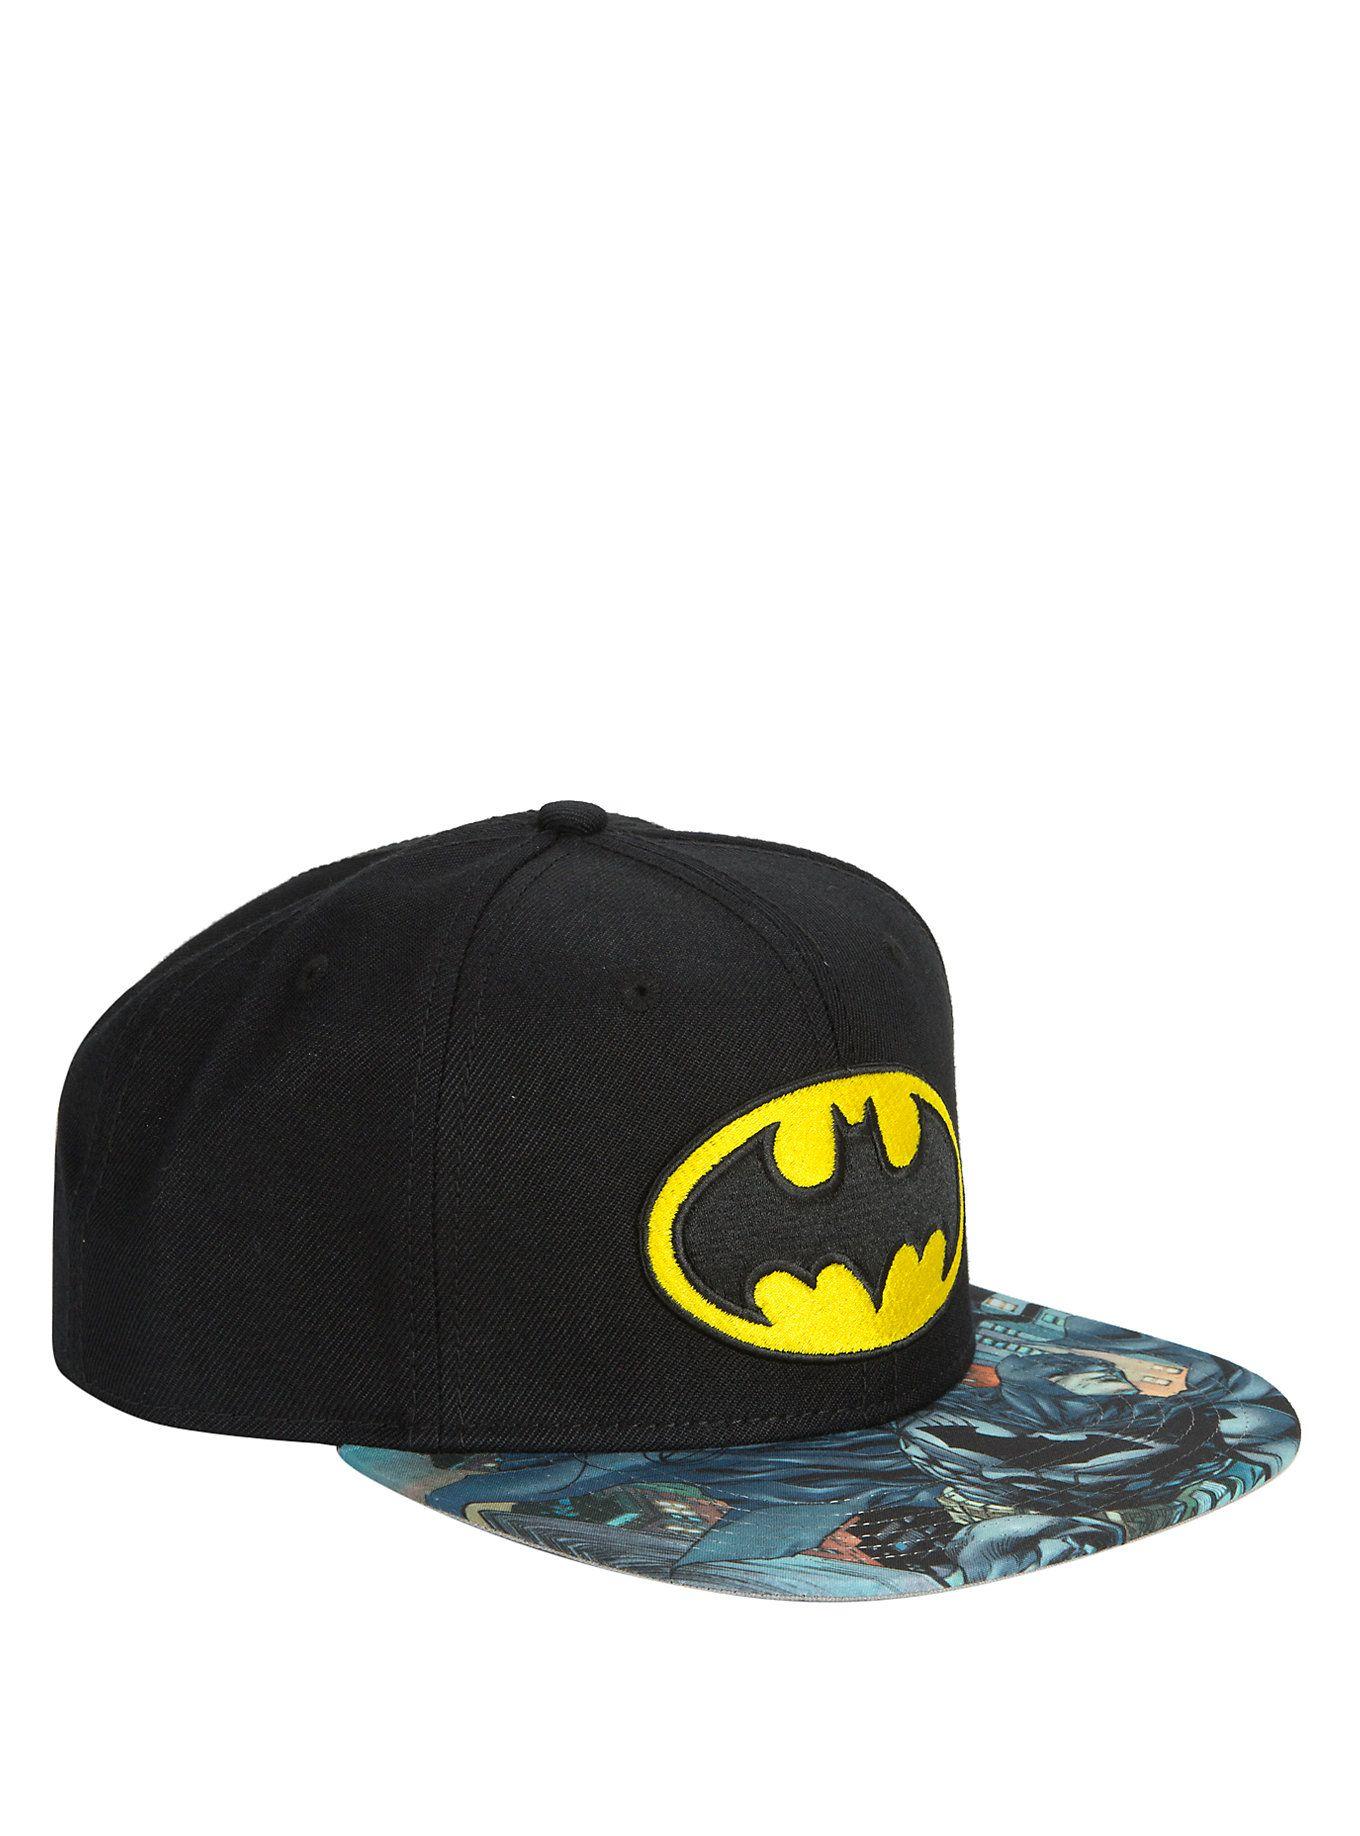 b3863c43d0de8 DC Comics Batman Logo Sublimation Bill Snapback Hat